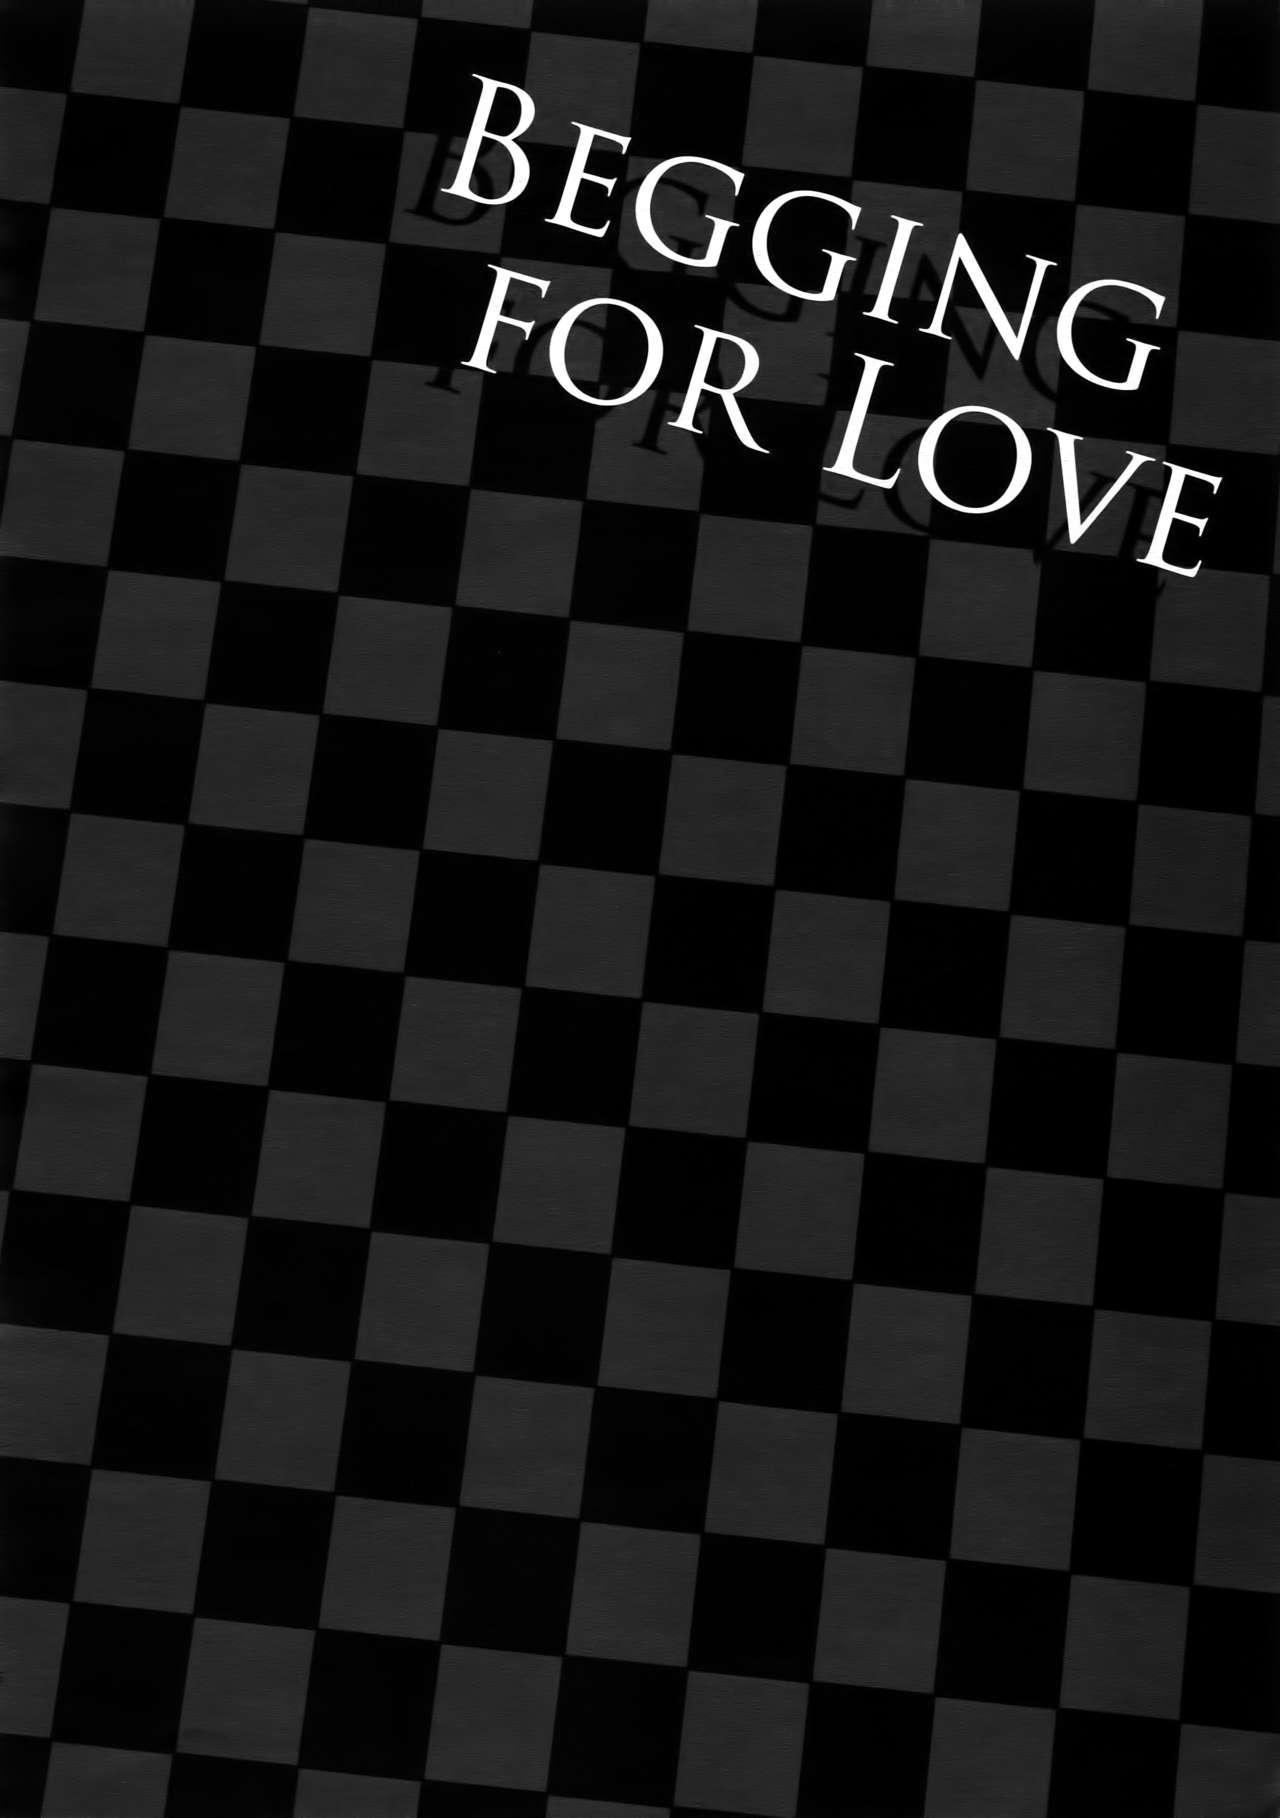 BEGGING FOR LOVE 14